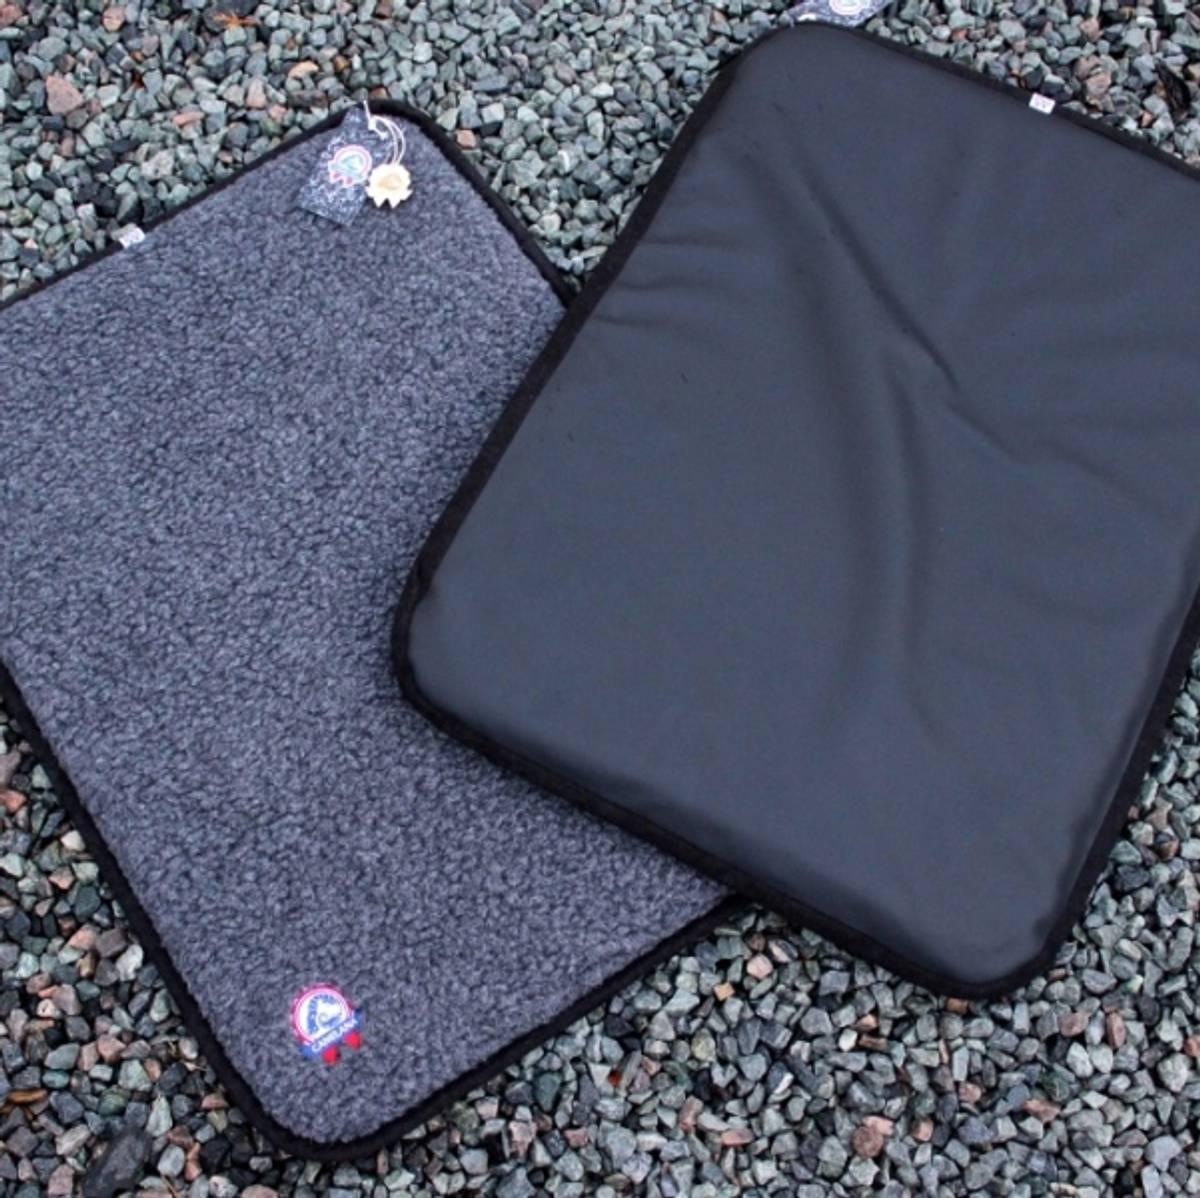 Wool mattress with waterproof underside